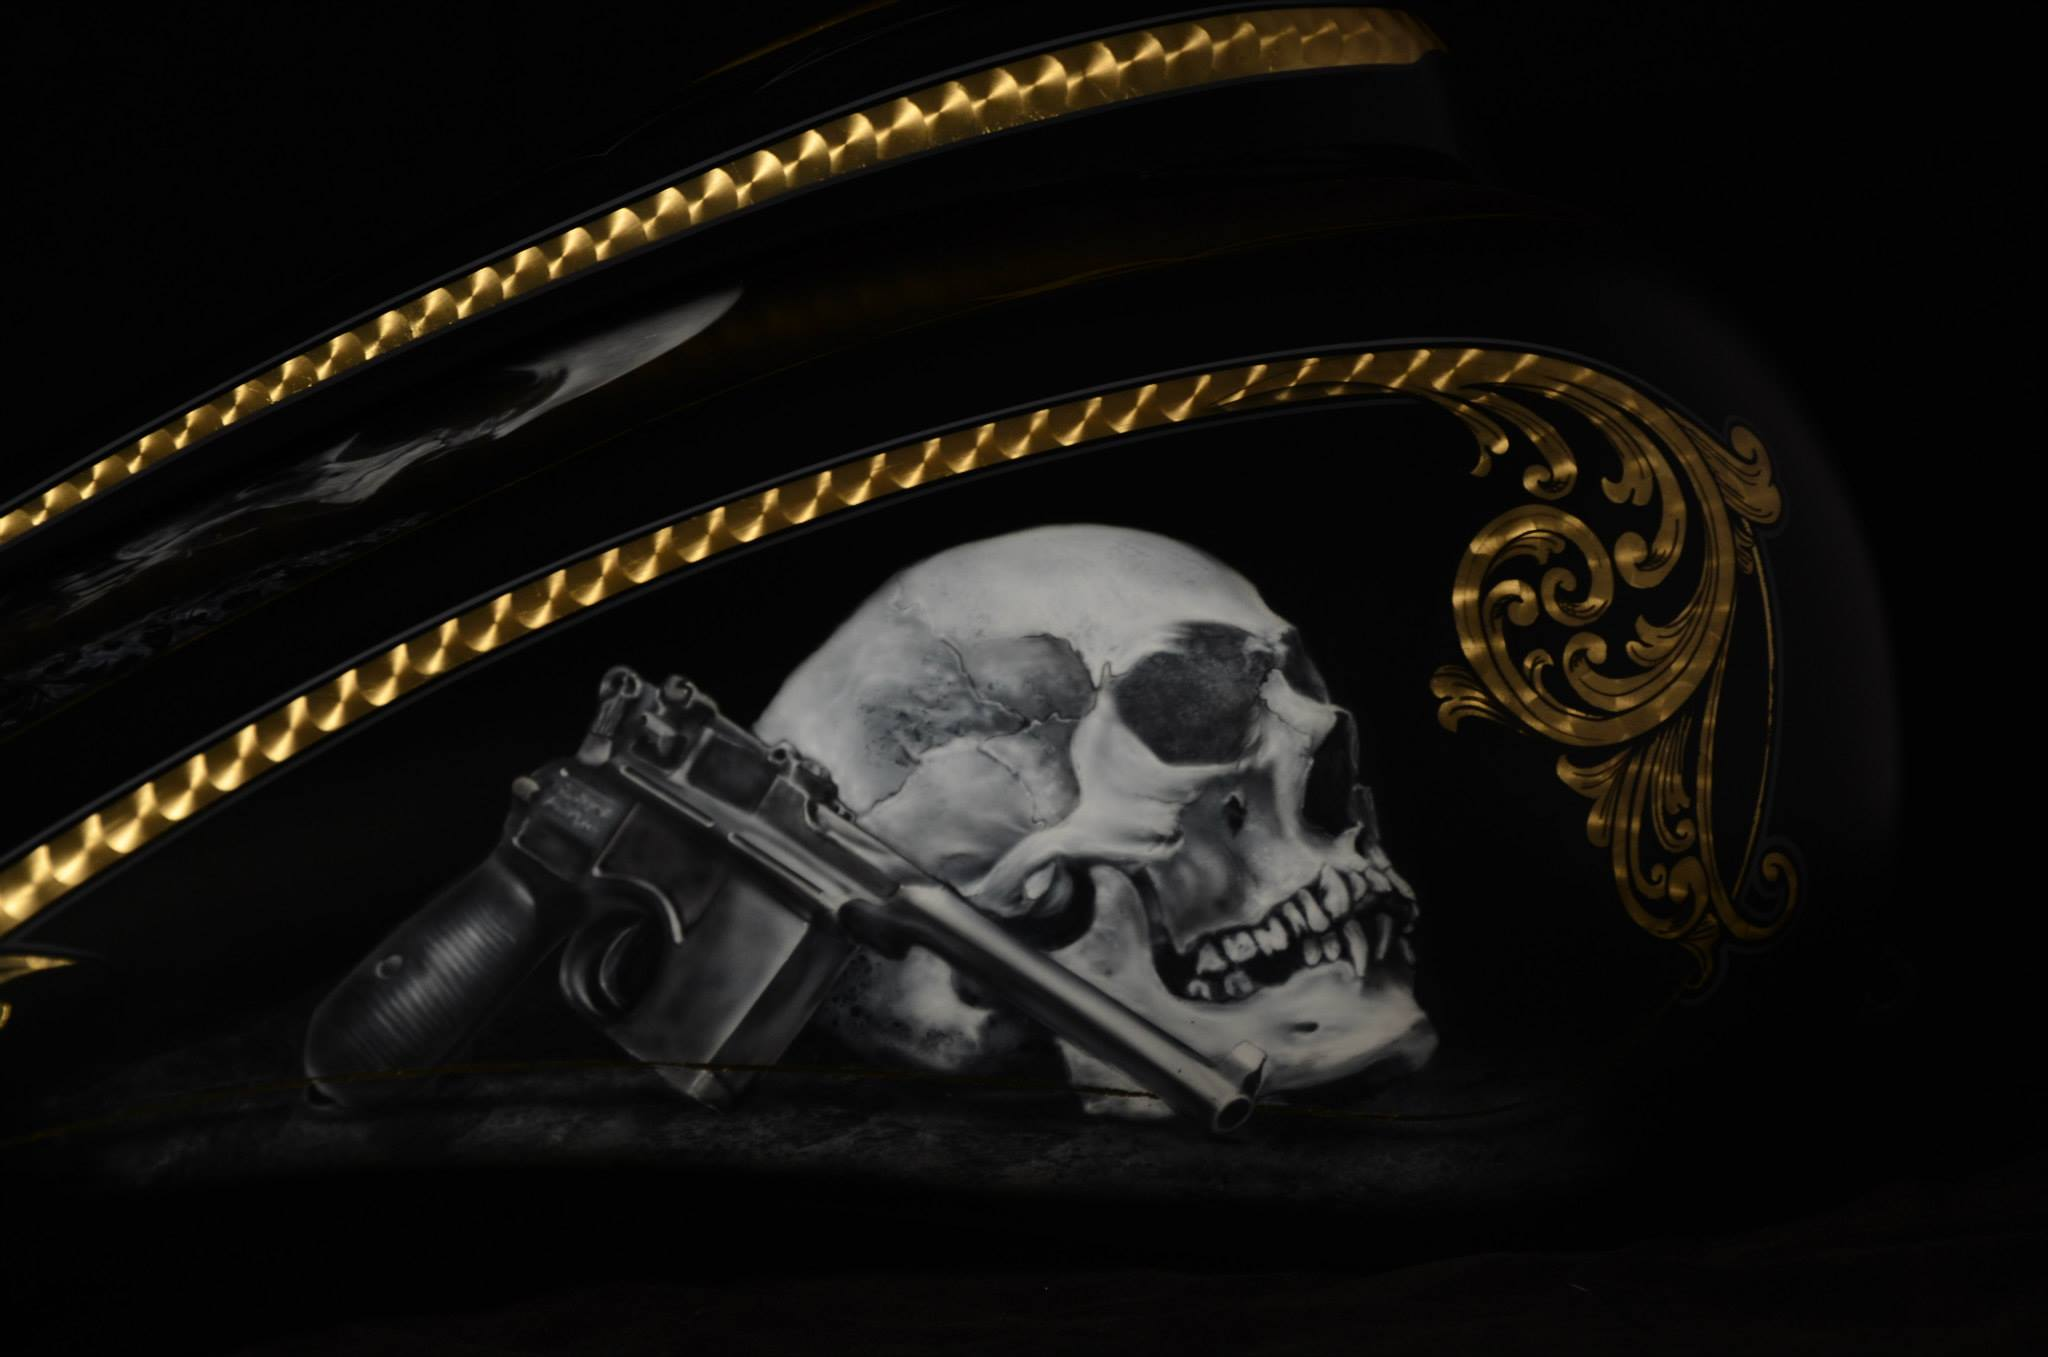 skull airbrush5 sebbes